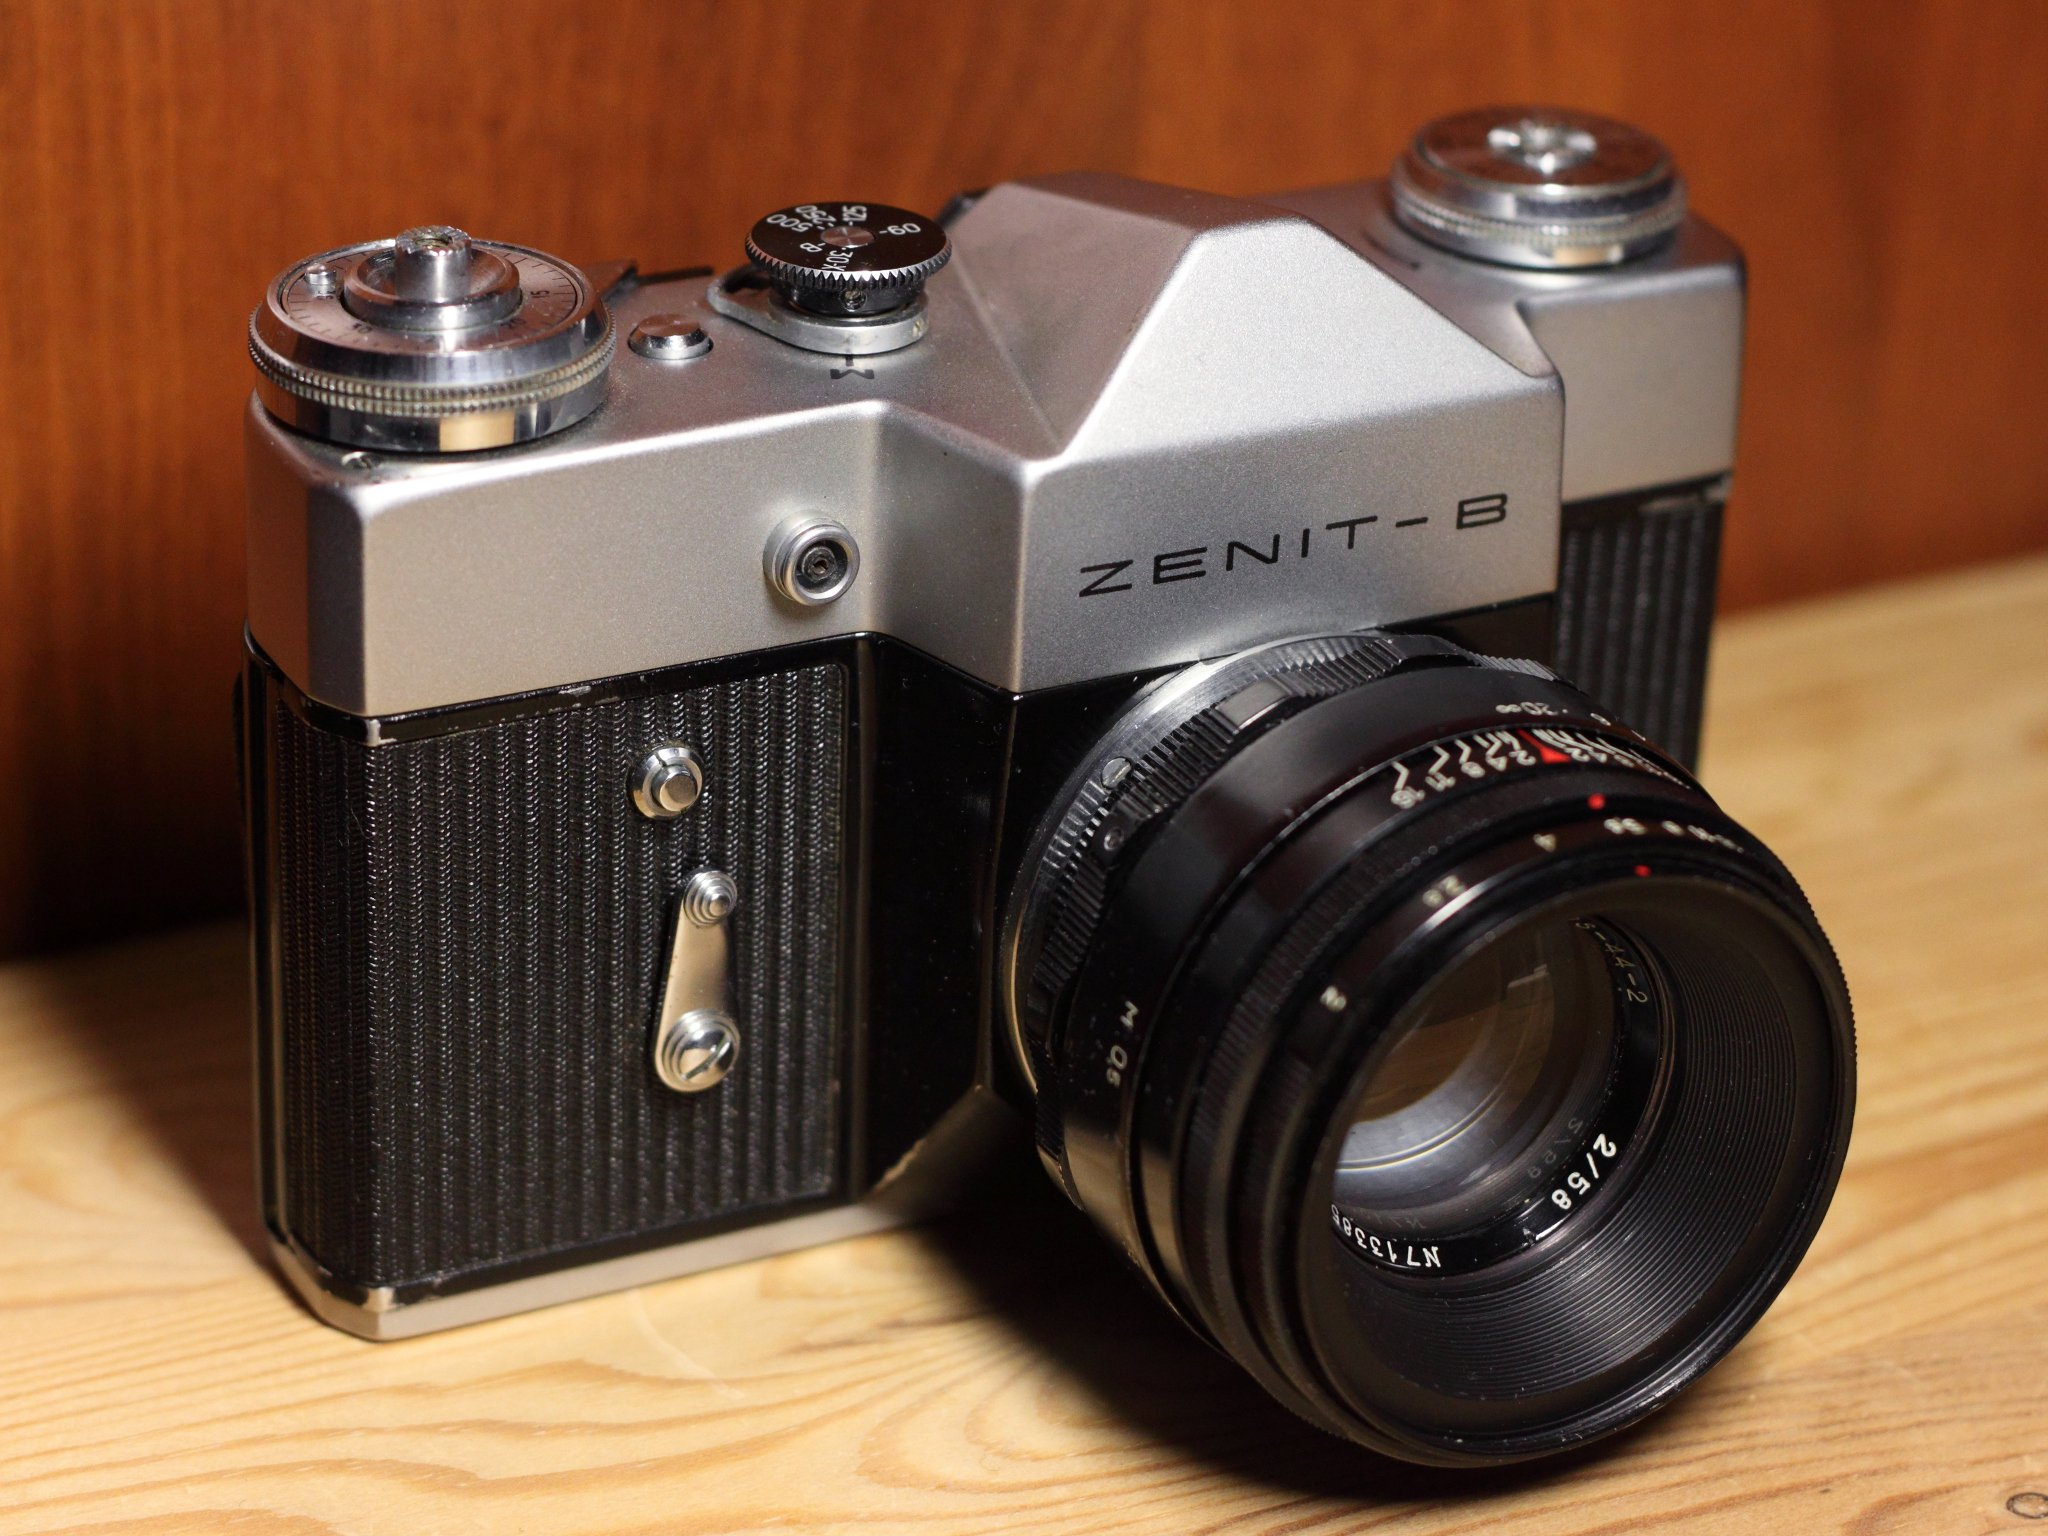 как можно использовать старый фотоаппарат зенит сказала